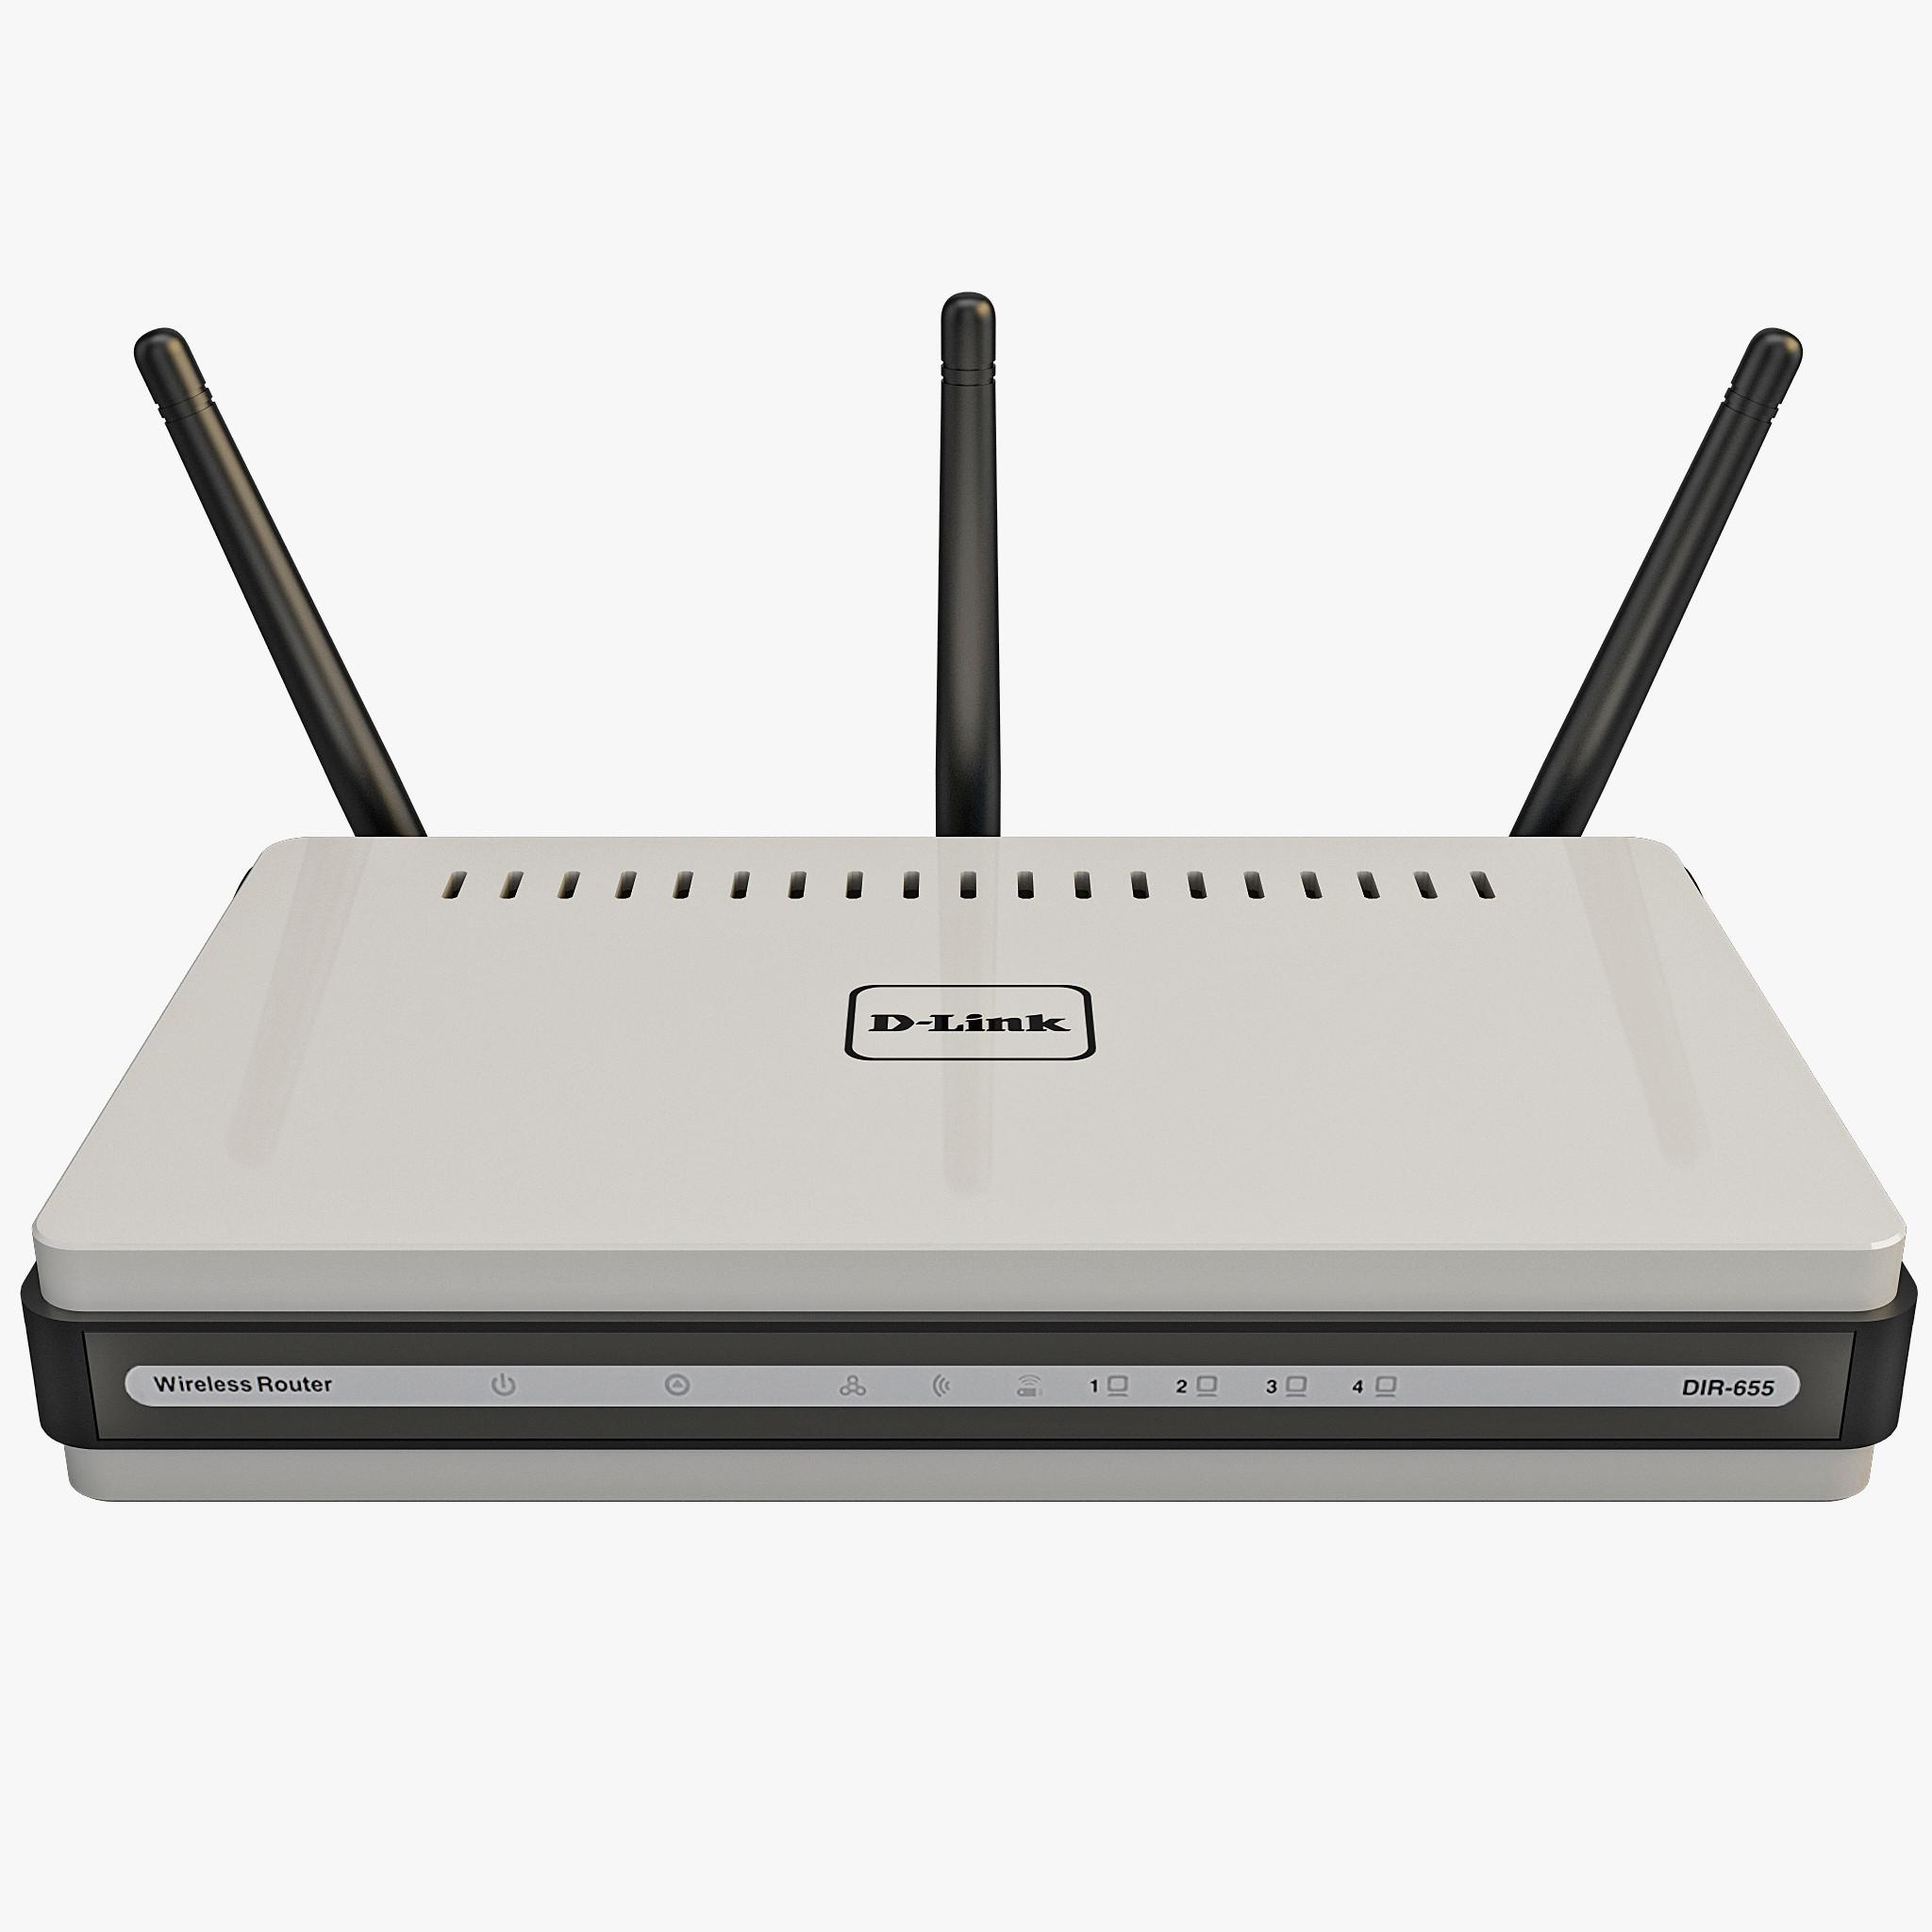 Dlink dir-655 gigabit wireless n300 router